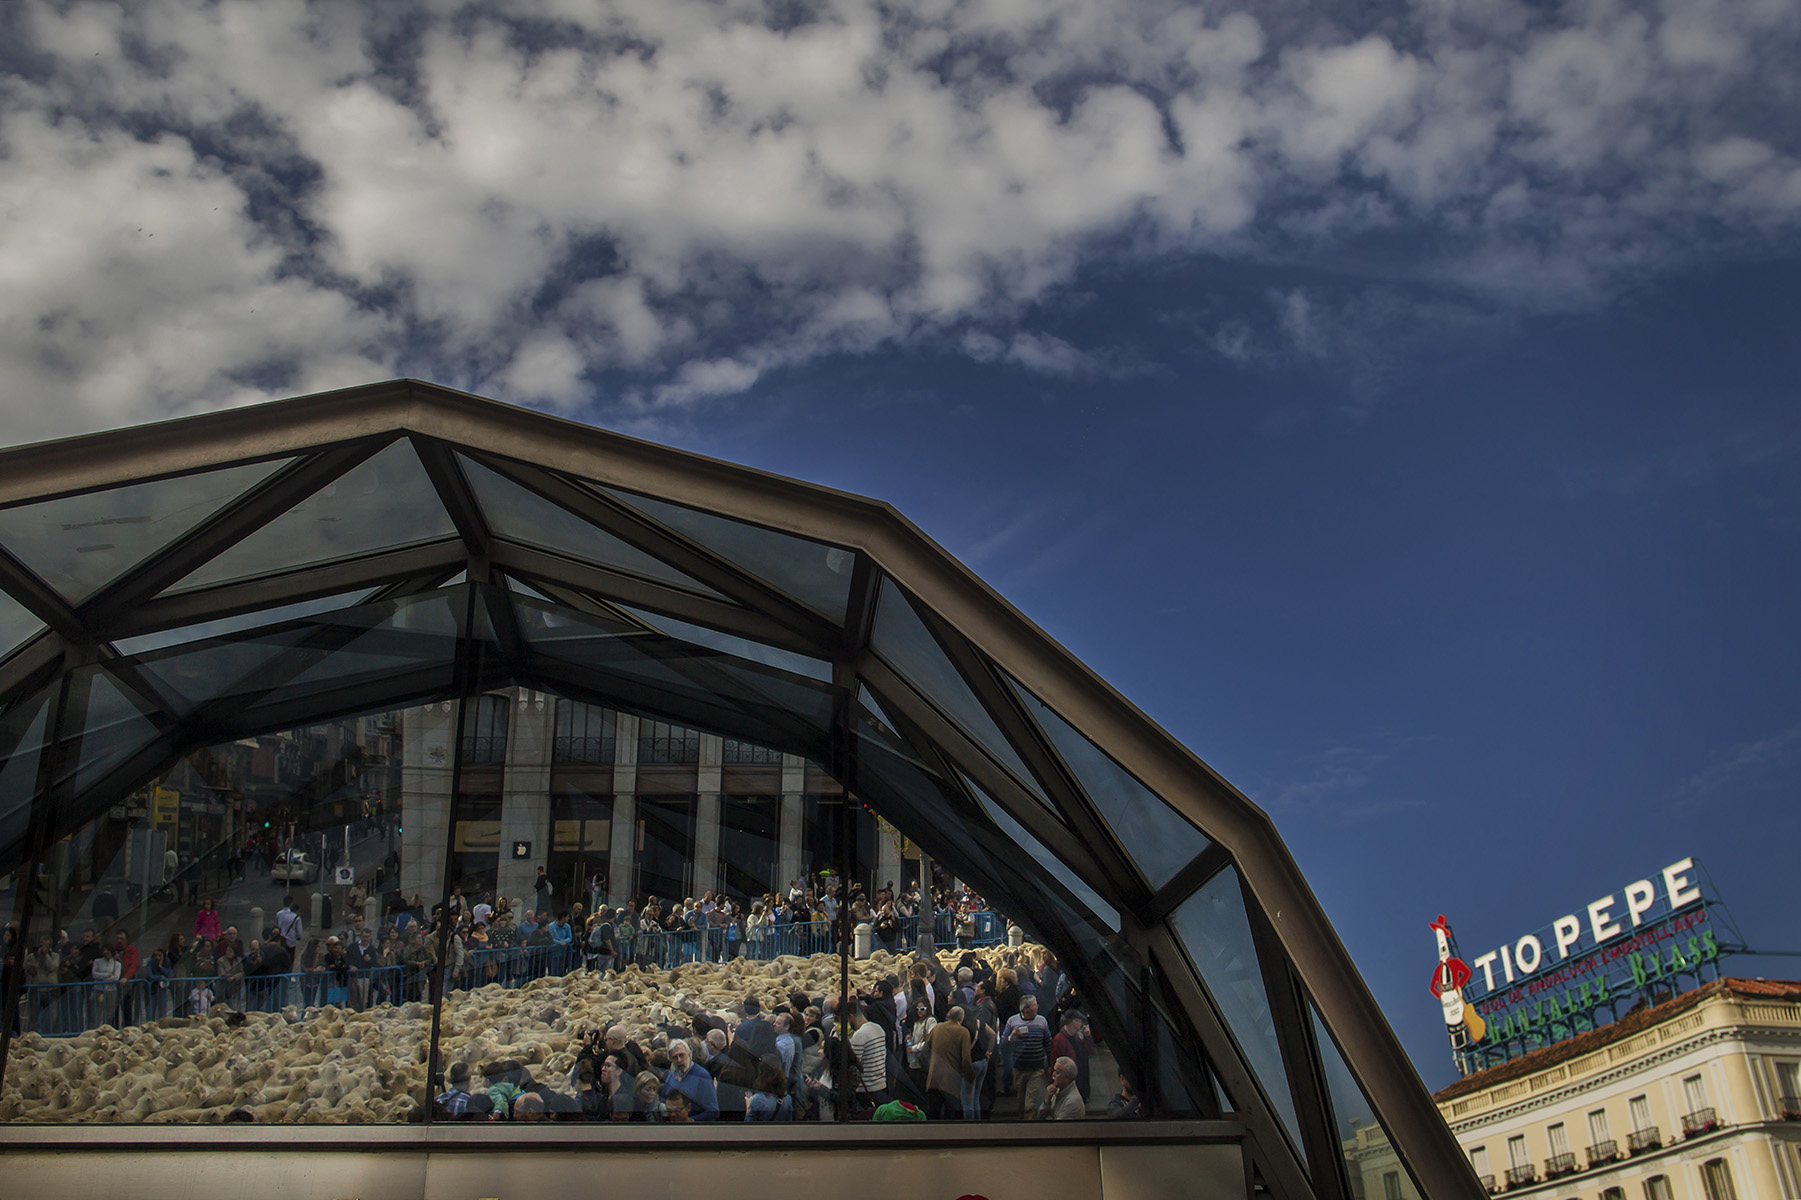 FOTOCAM 2015Fiesta de la Trashumancia.Desde la madrileña Casa de Campo han partido dos mil cabezas de ganado a primera hora de la mañana para llegar, sobre las 10.30 horas, a la Plaza de la Villa, donde, como marca la tradición, autoridades y pastores han renovado la simbólica firma de la Concordia, un documento del año 1418 que permite el paso de las ovejas por las Cañadas Reales de la Villa de Madrid. © Alberto R. Roldan / La Razon02.11.2014